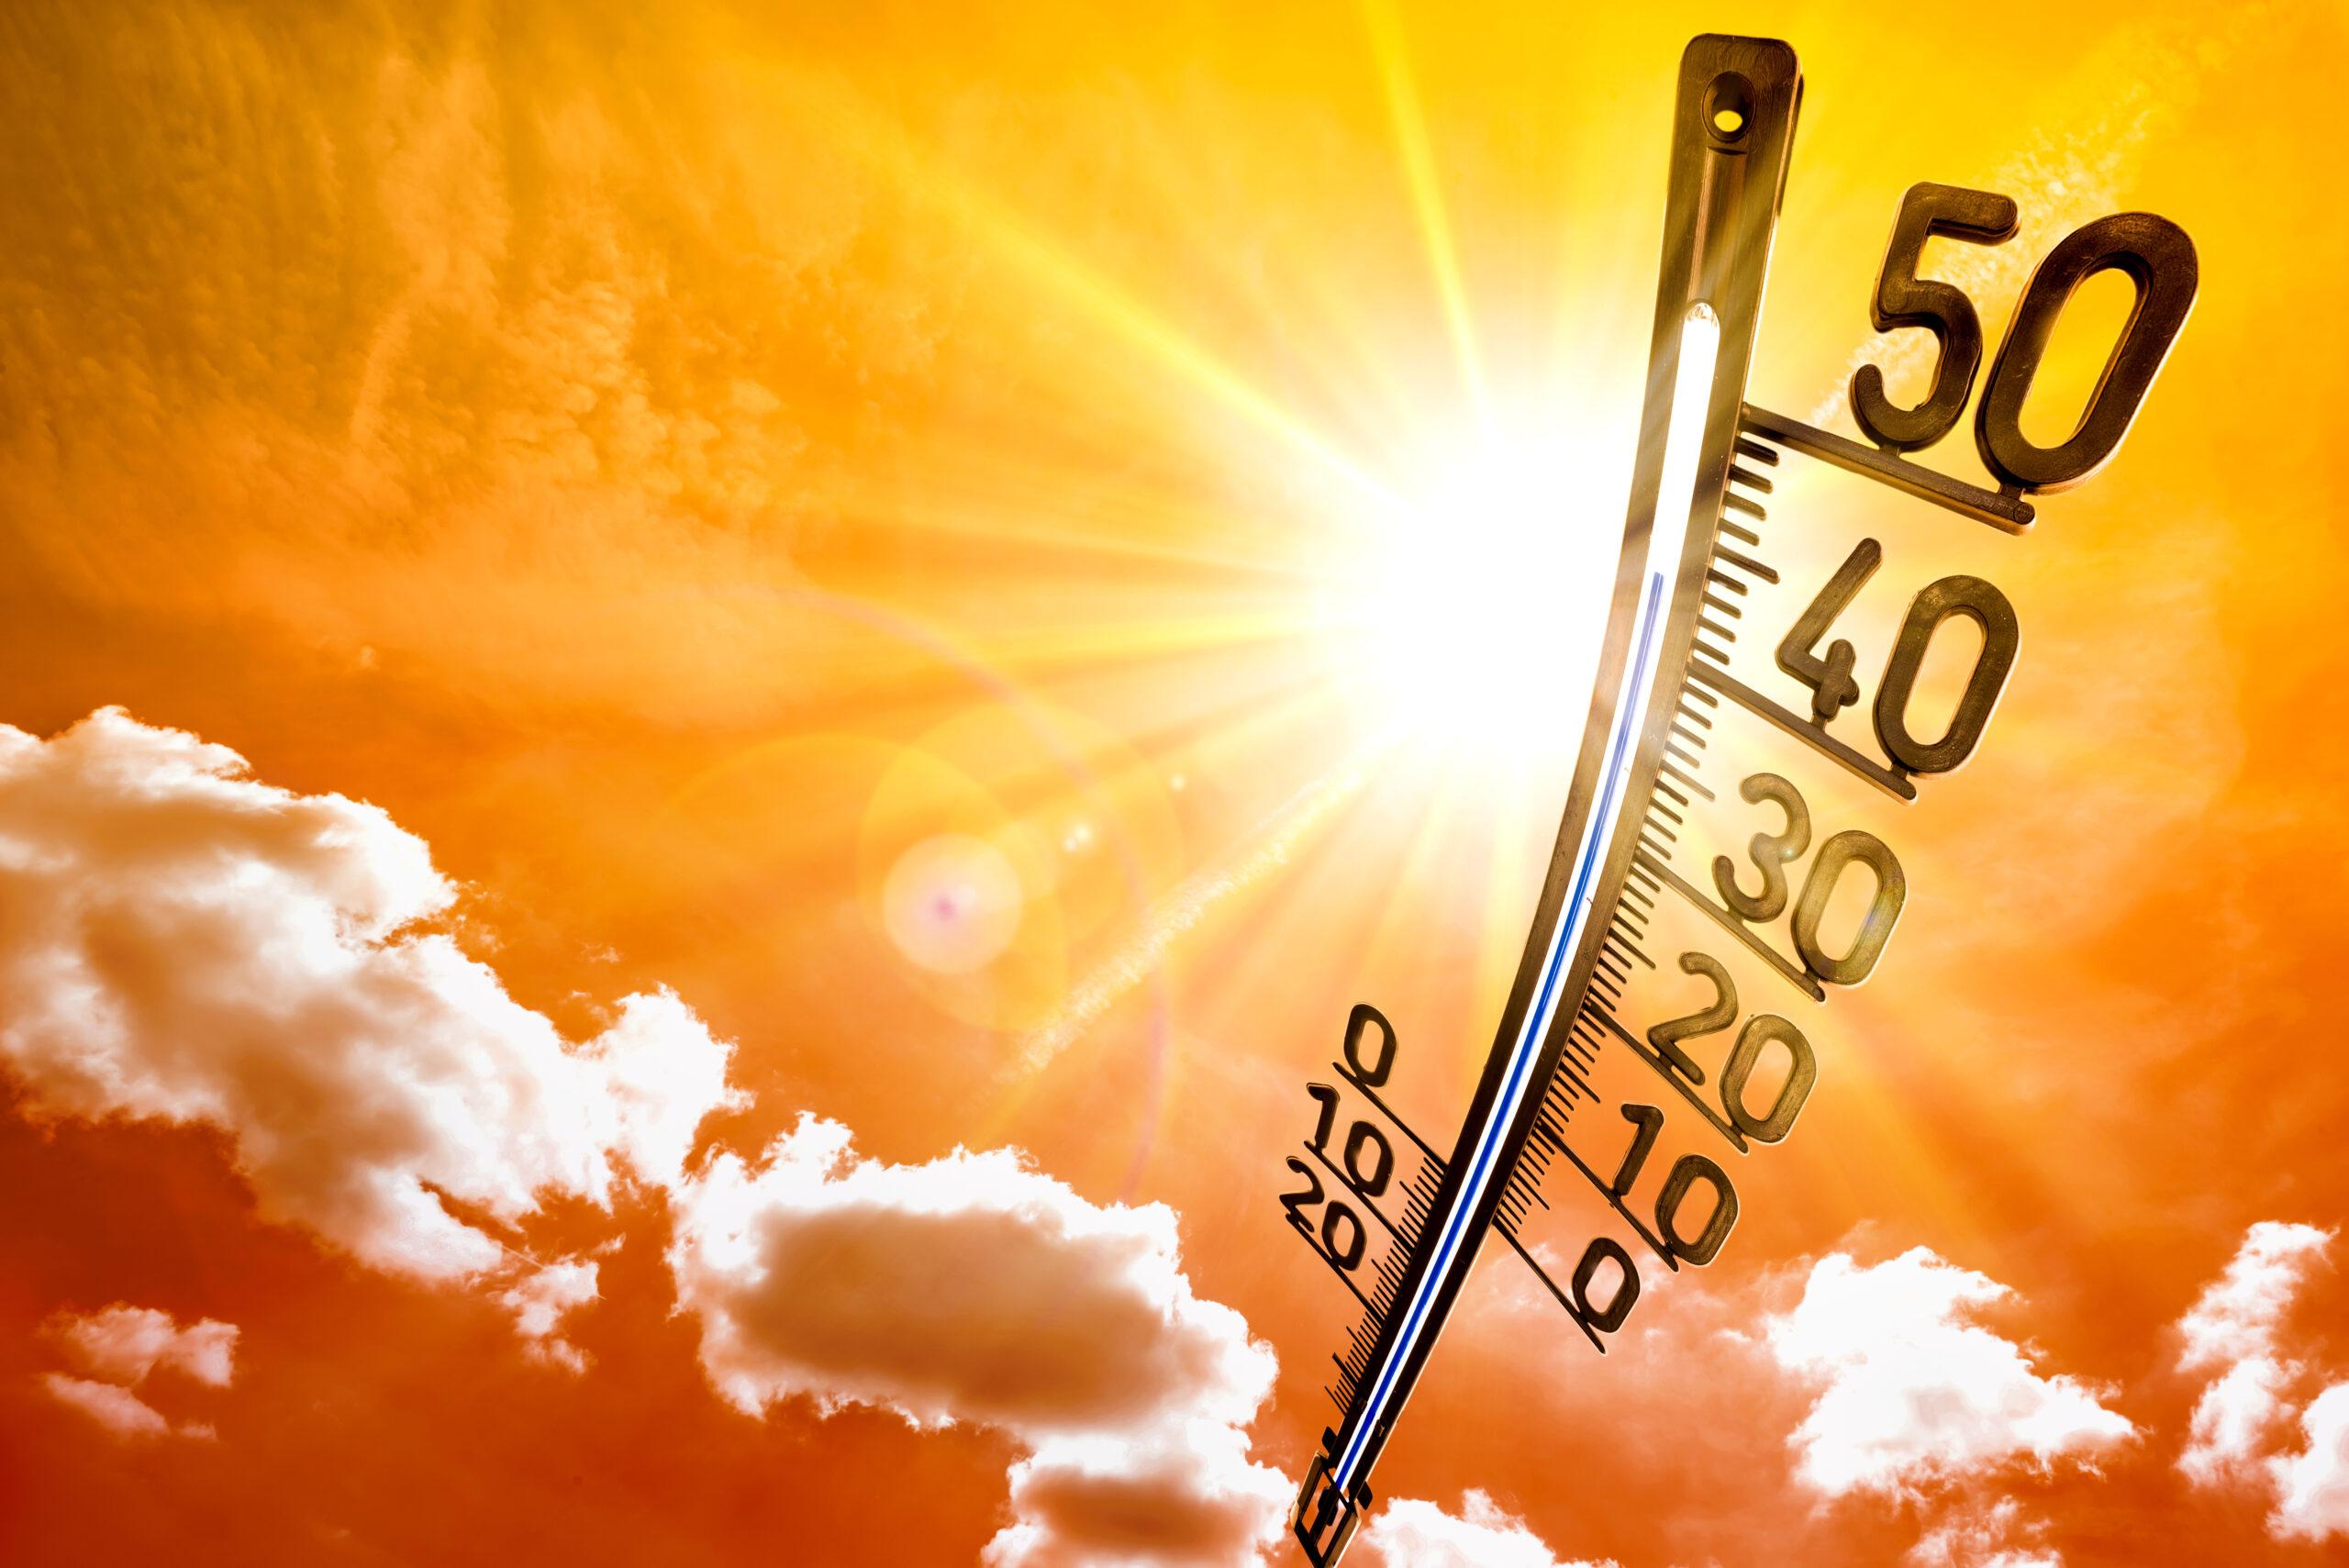 Summer temperatures